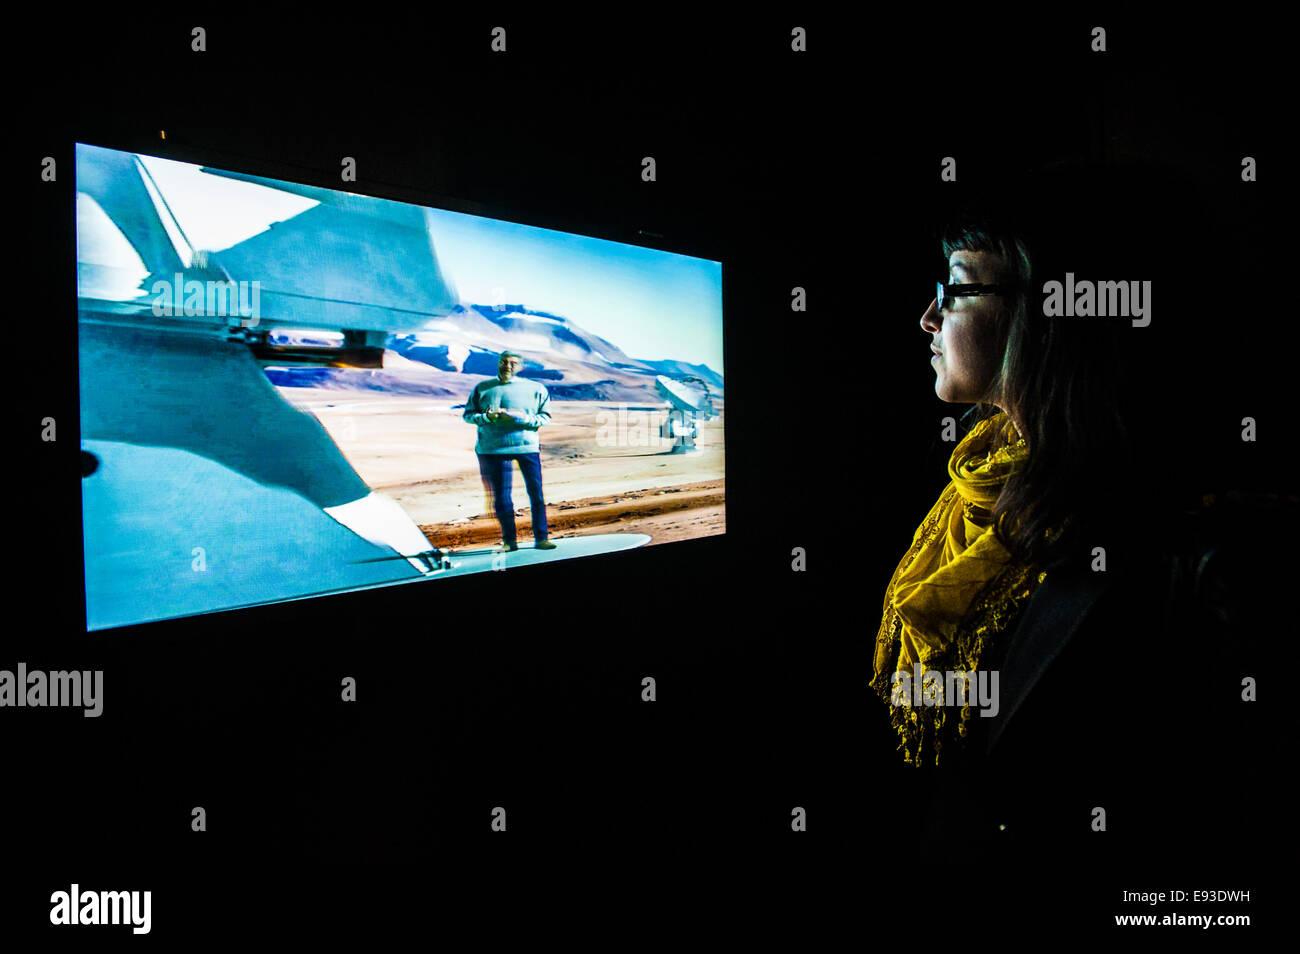 Italia Turín Piamonte Pino Torinese Inauguración de la nueva zona de museos del Museo de Turín planetario astronomía y espacio INFINI.Al 17 de octubre de 2014 -efecto tridimensional Foto de stock